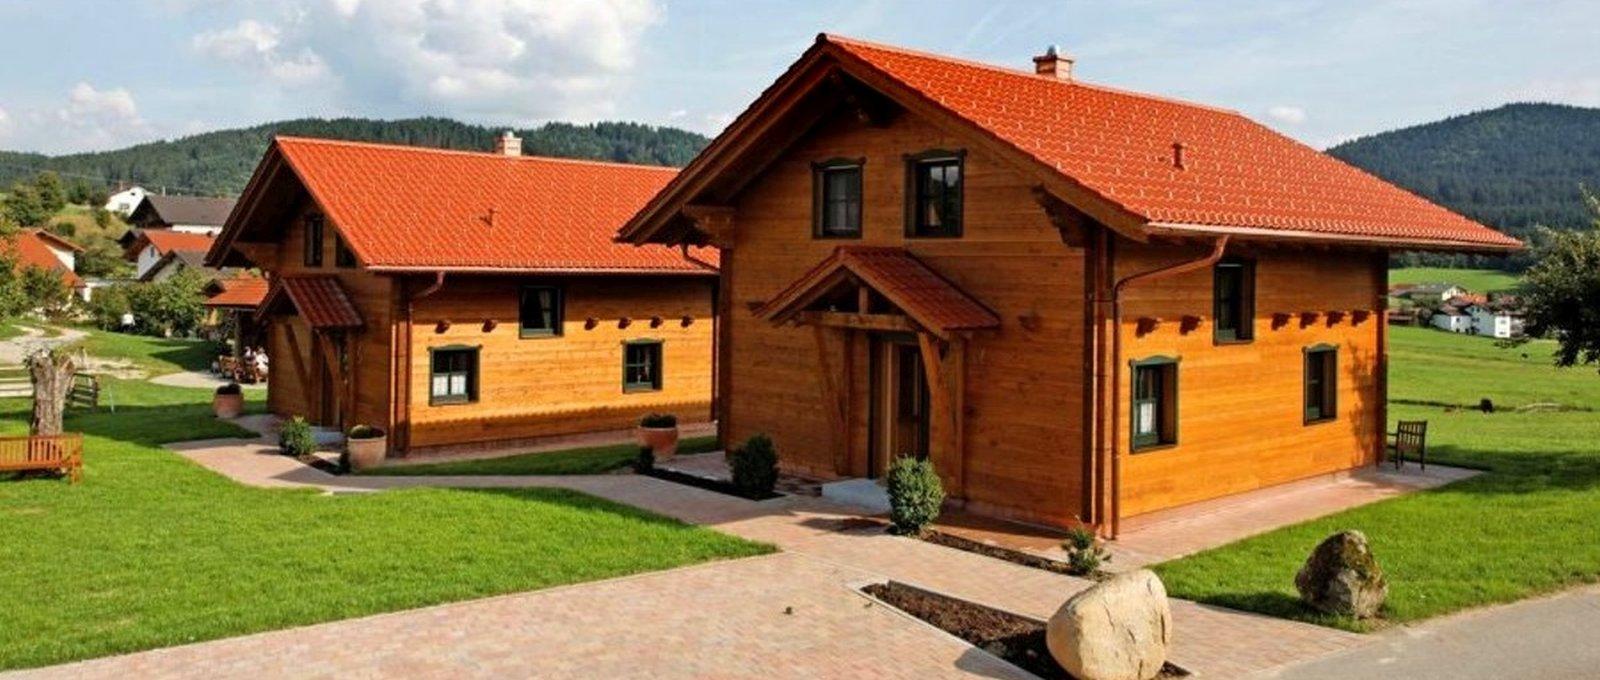 Holzferienhaus am Bauernhof Wenzl in Zwiesel Reiturlaub